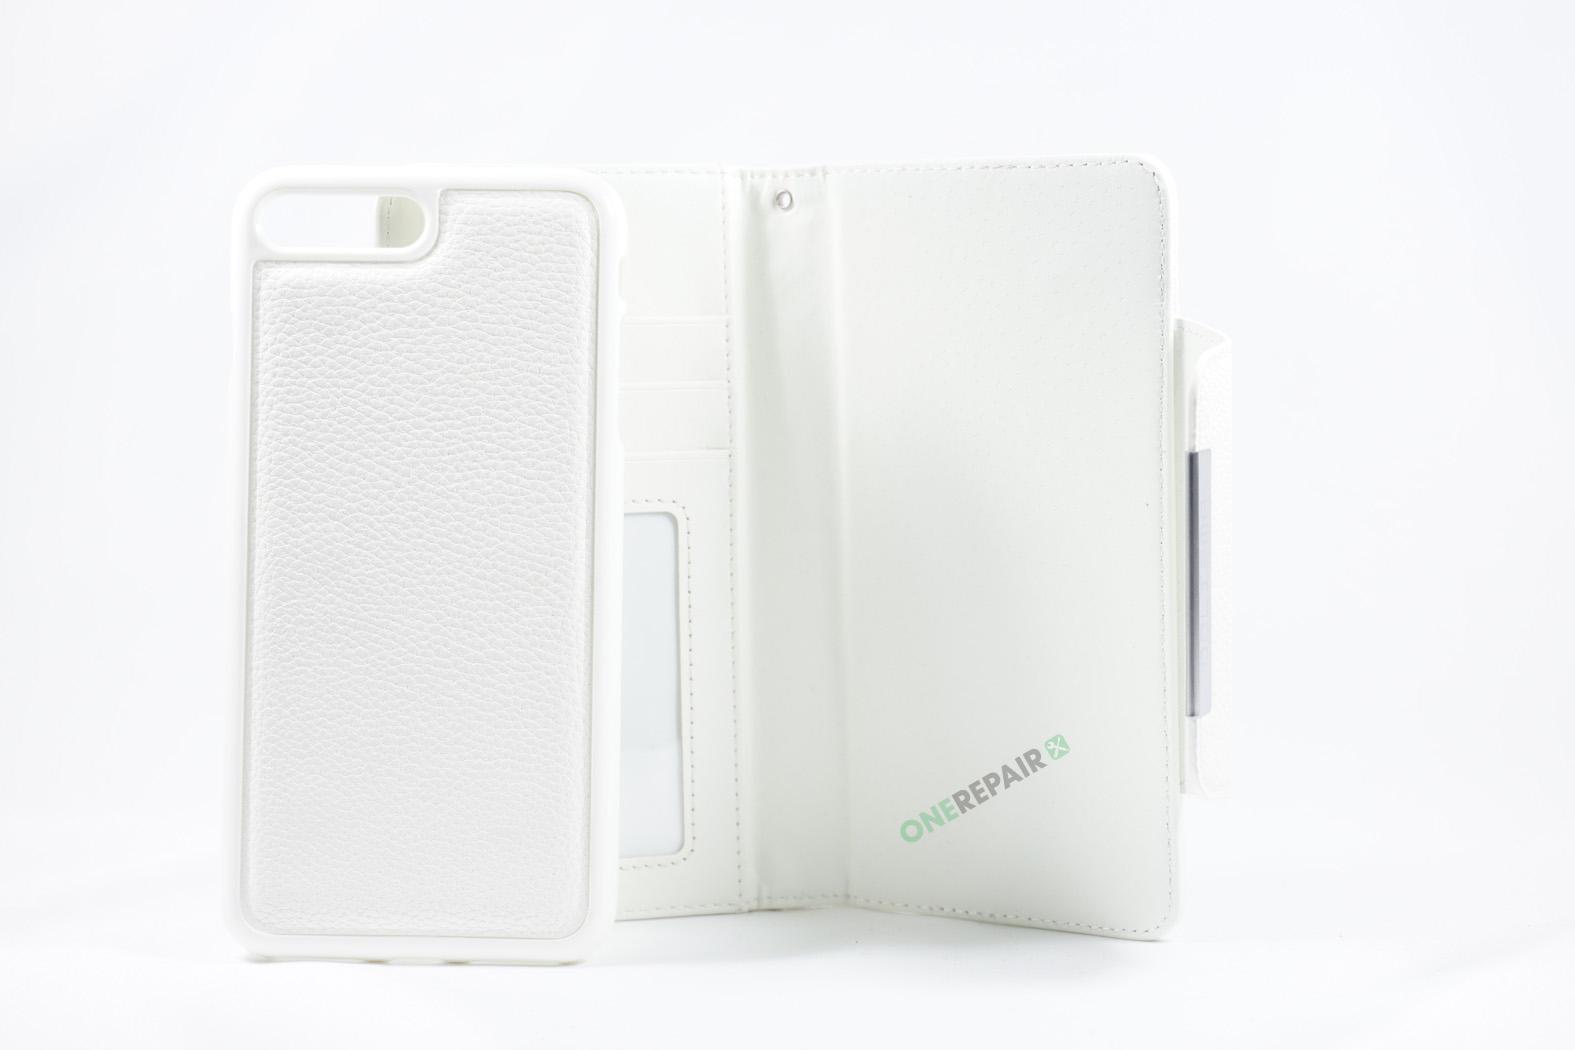 350849_iPhone_7+_8+_Plus_Flipcover_Magnet_Cover_Hvid_OneRepair_WM_00003